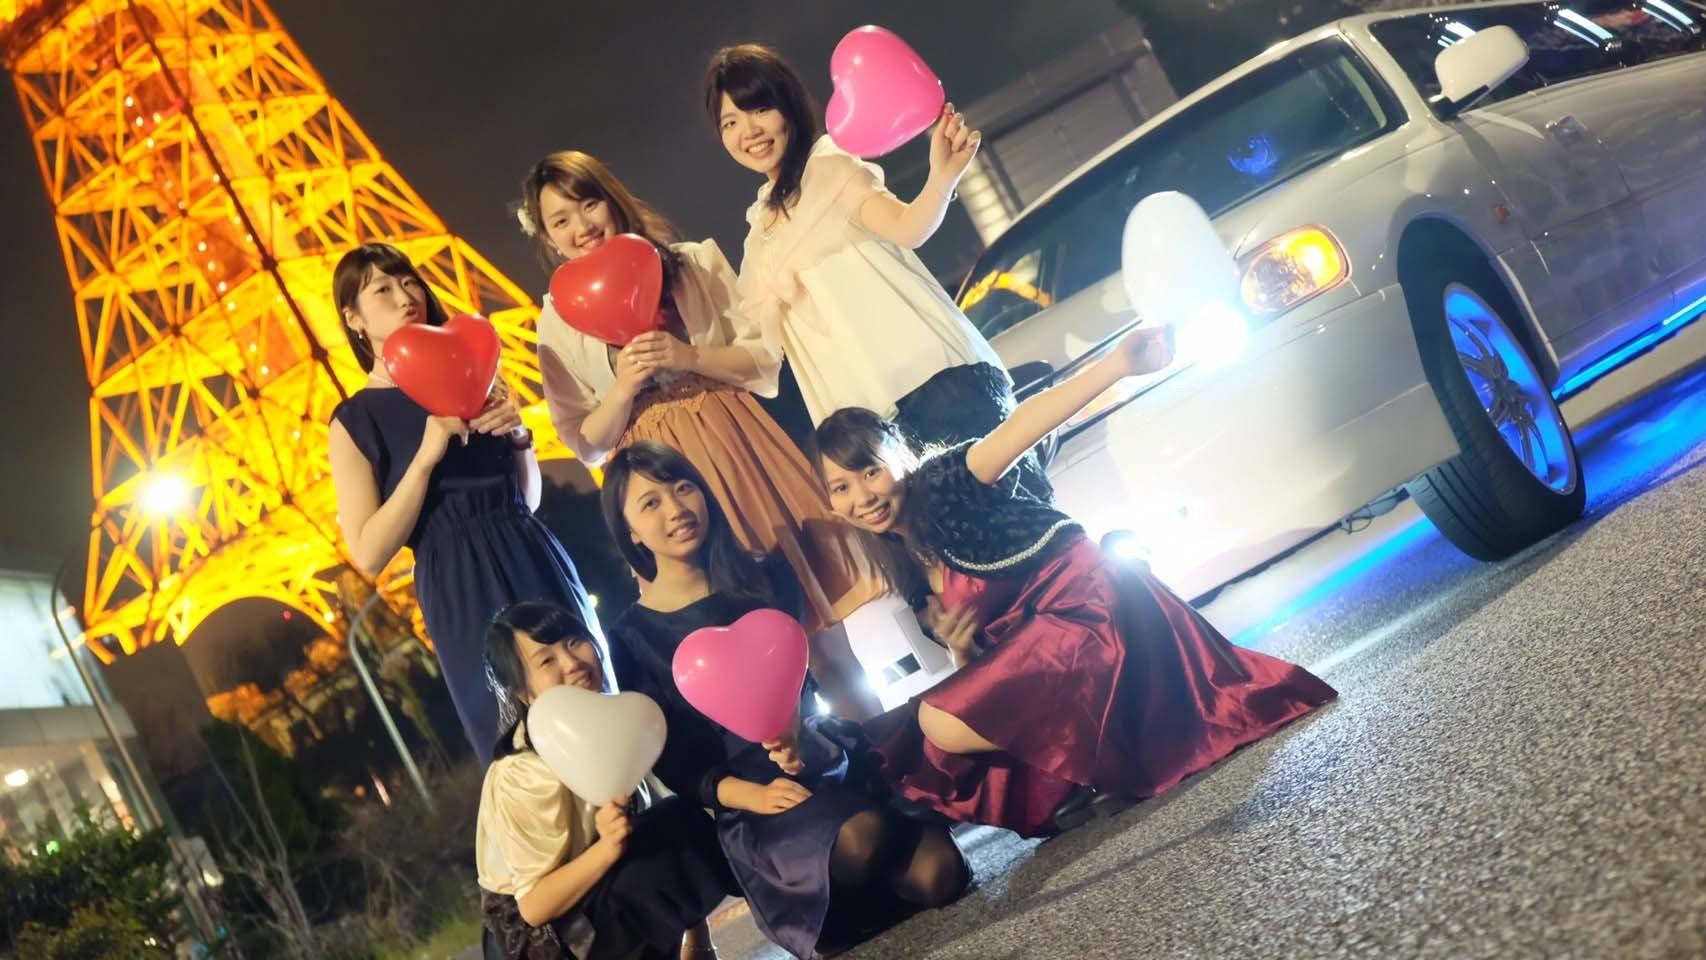 リムジンパーティー|東京で女子会するなら撮影女子会